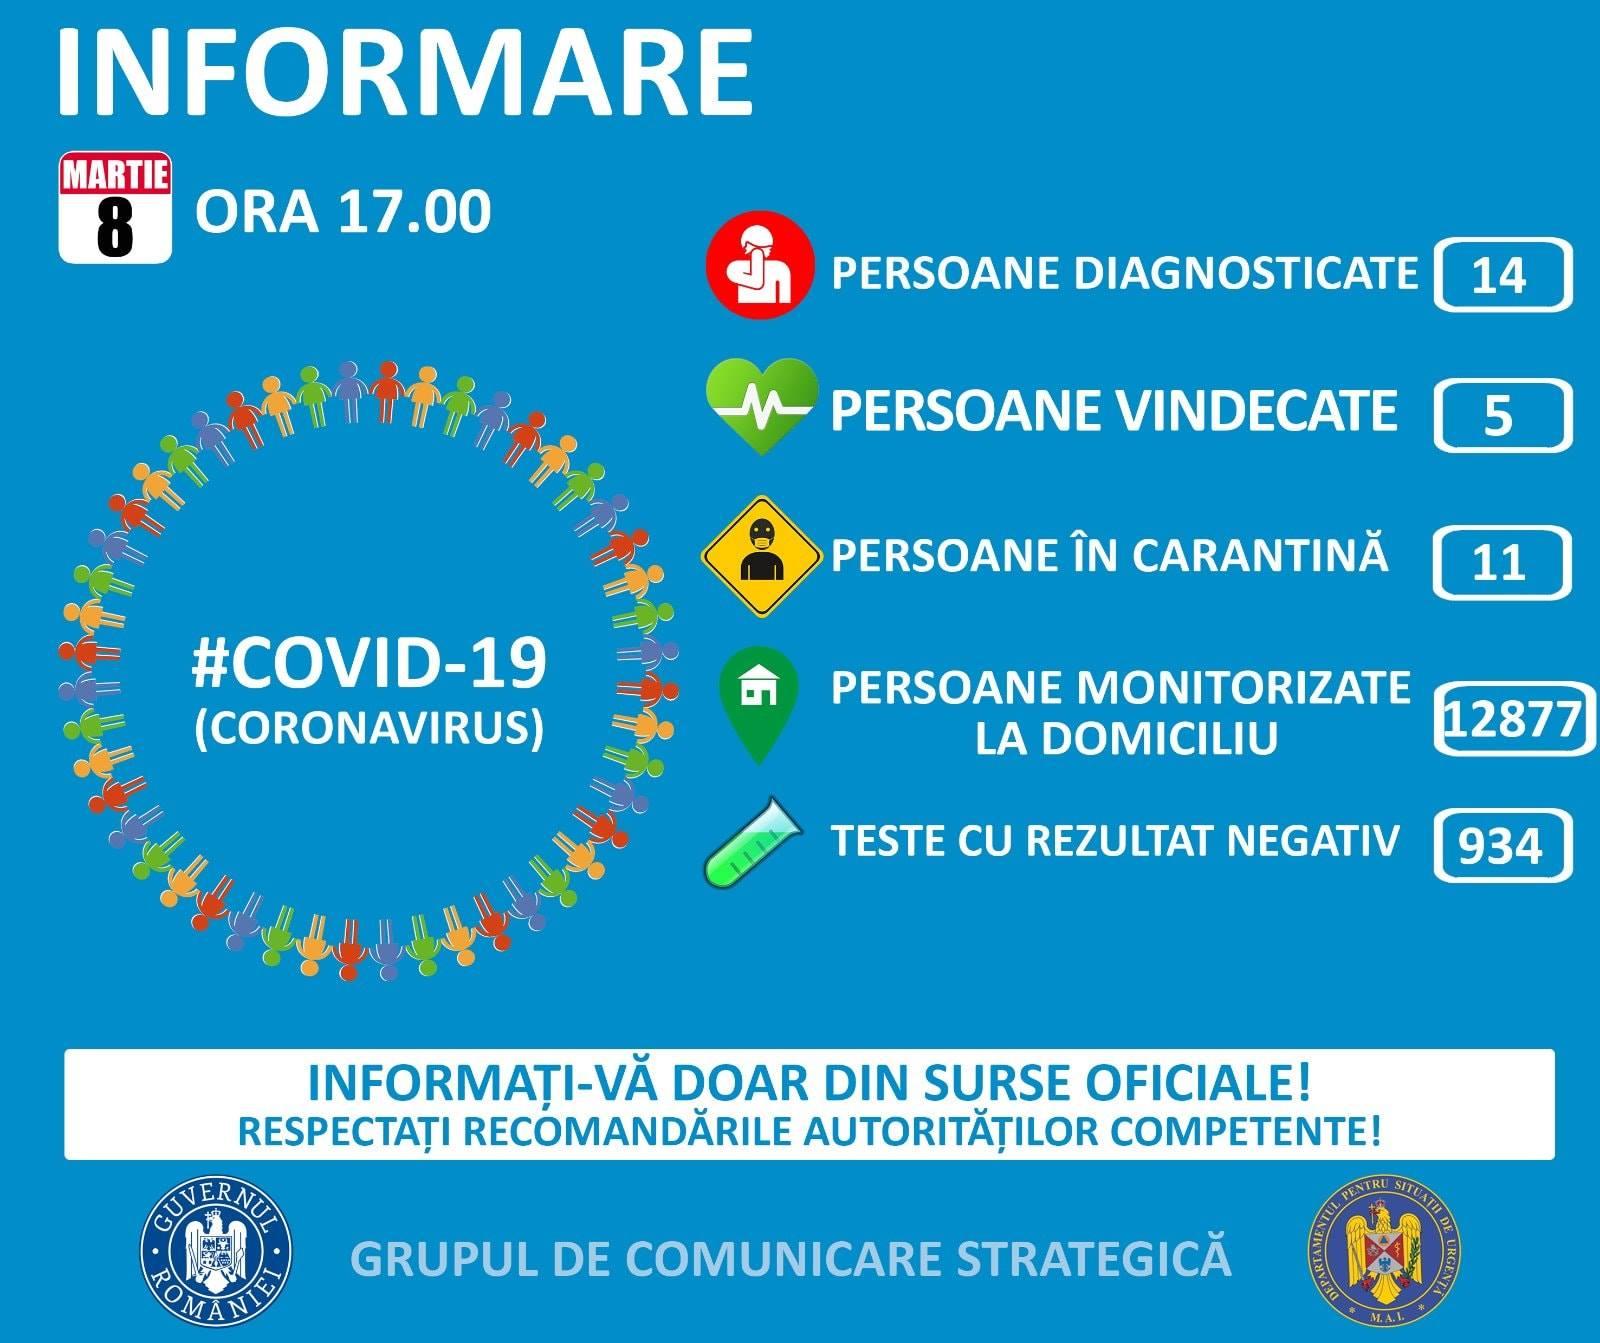 Gabriela Firea propune inchiderea scolilor si gradinitelor pentru a limita raspandirea coronavirusului | Demamici.ro